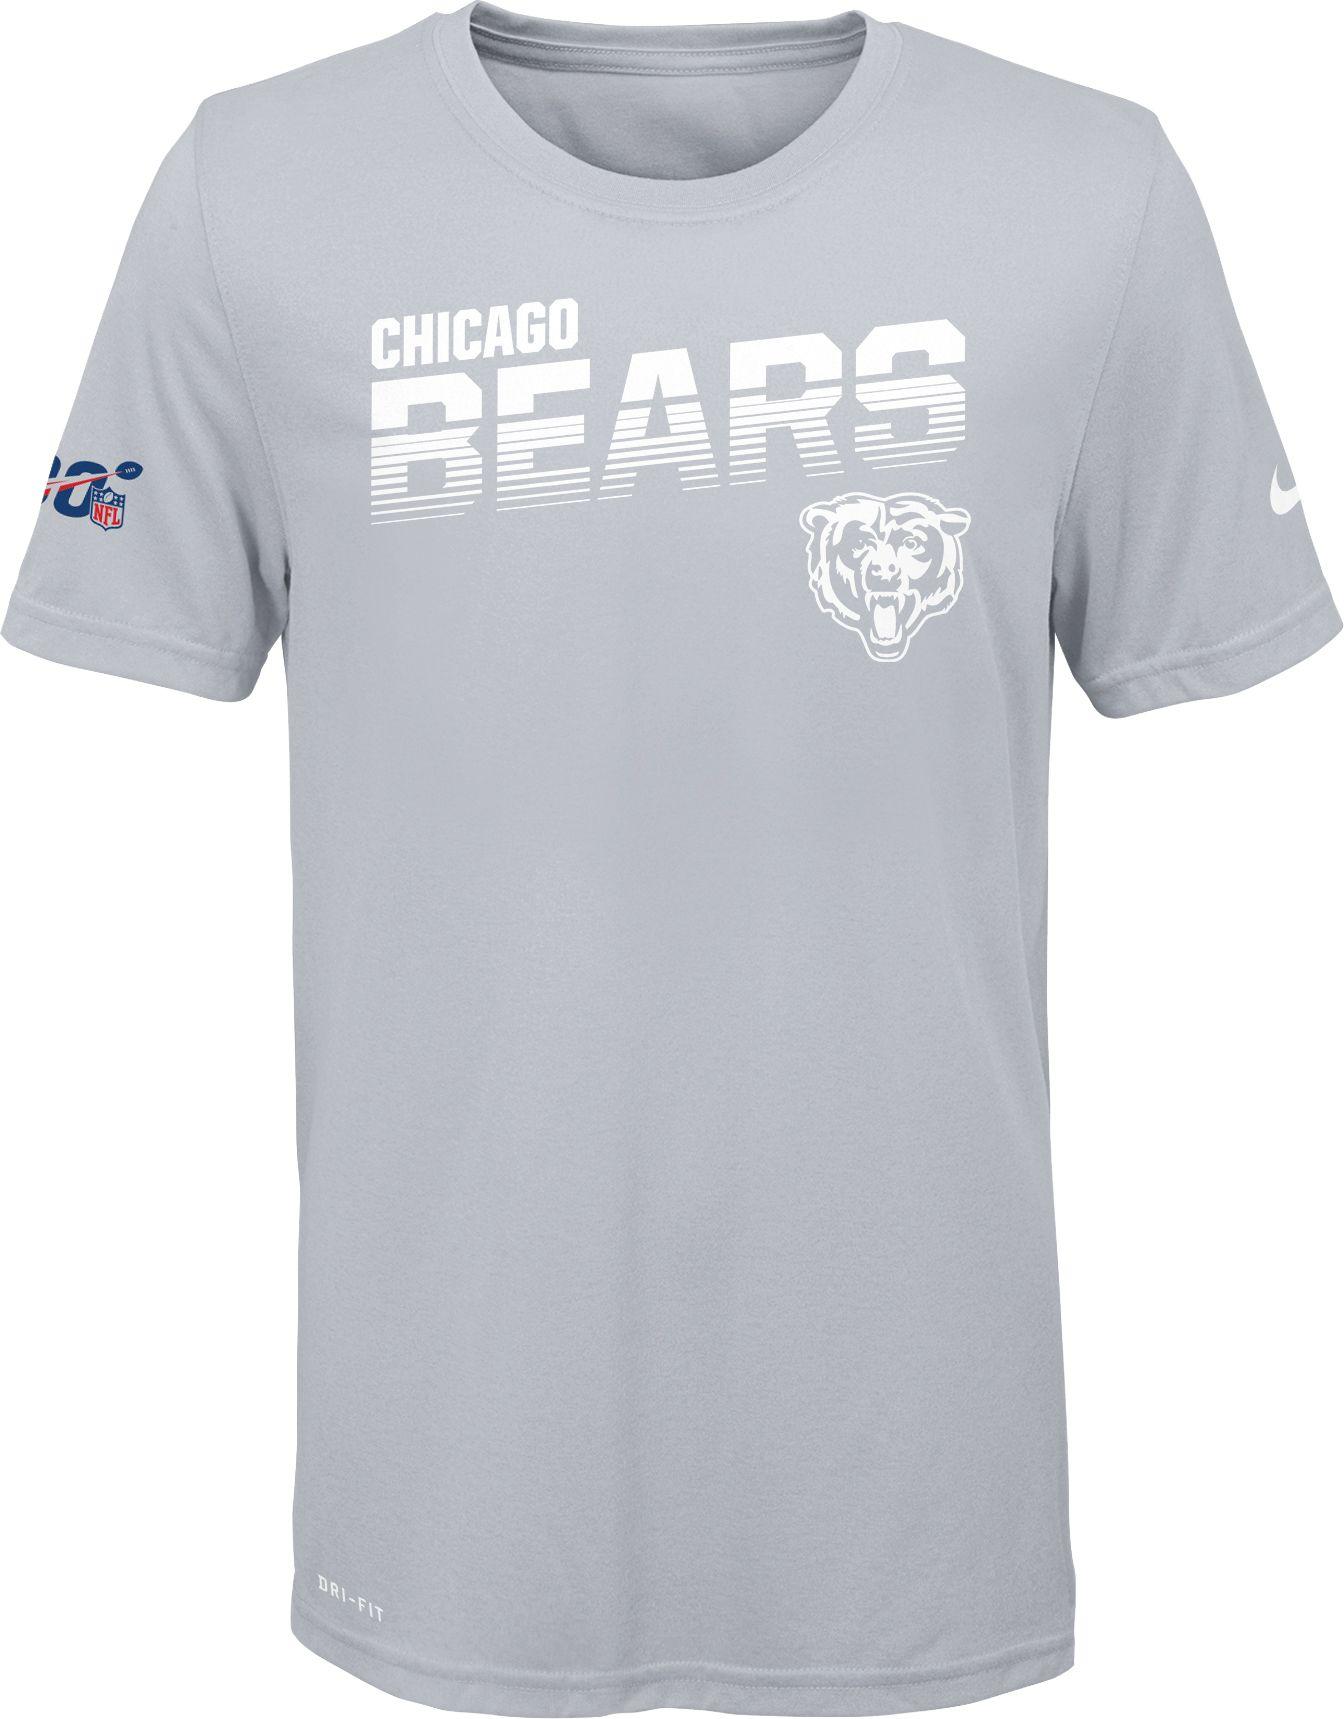 white chicago bears shirt